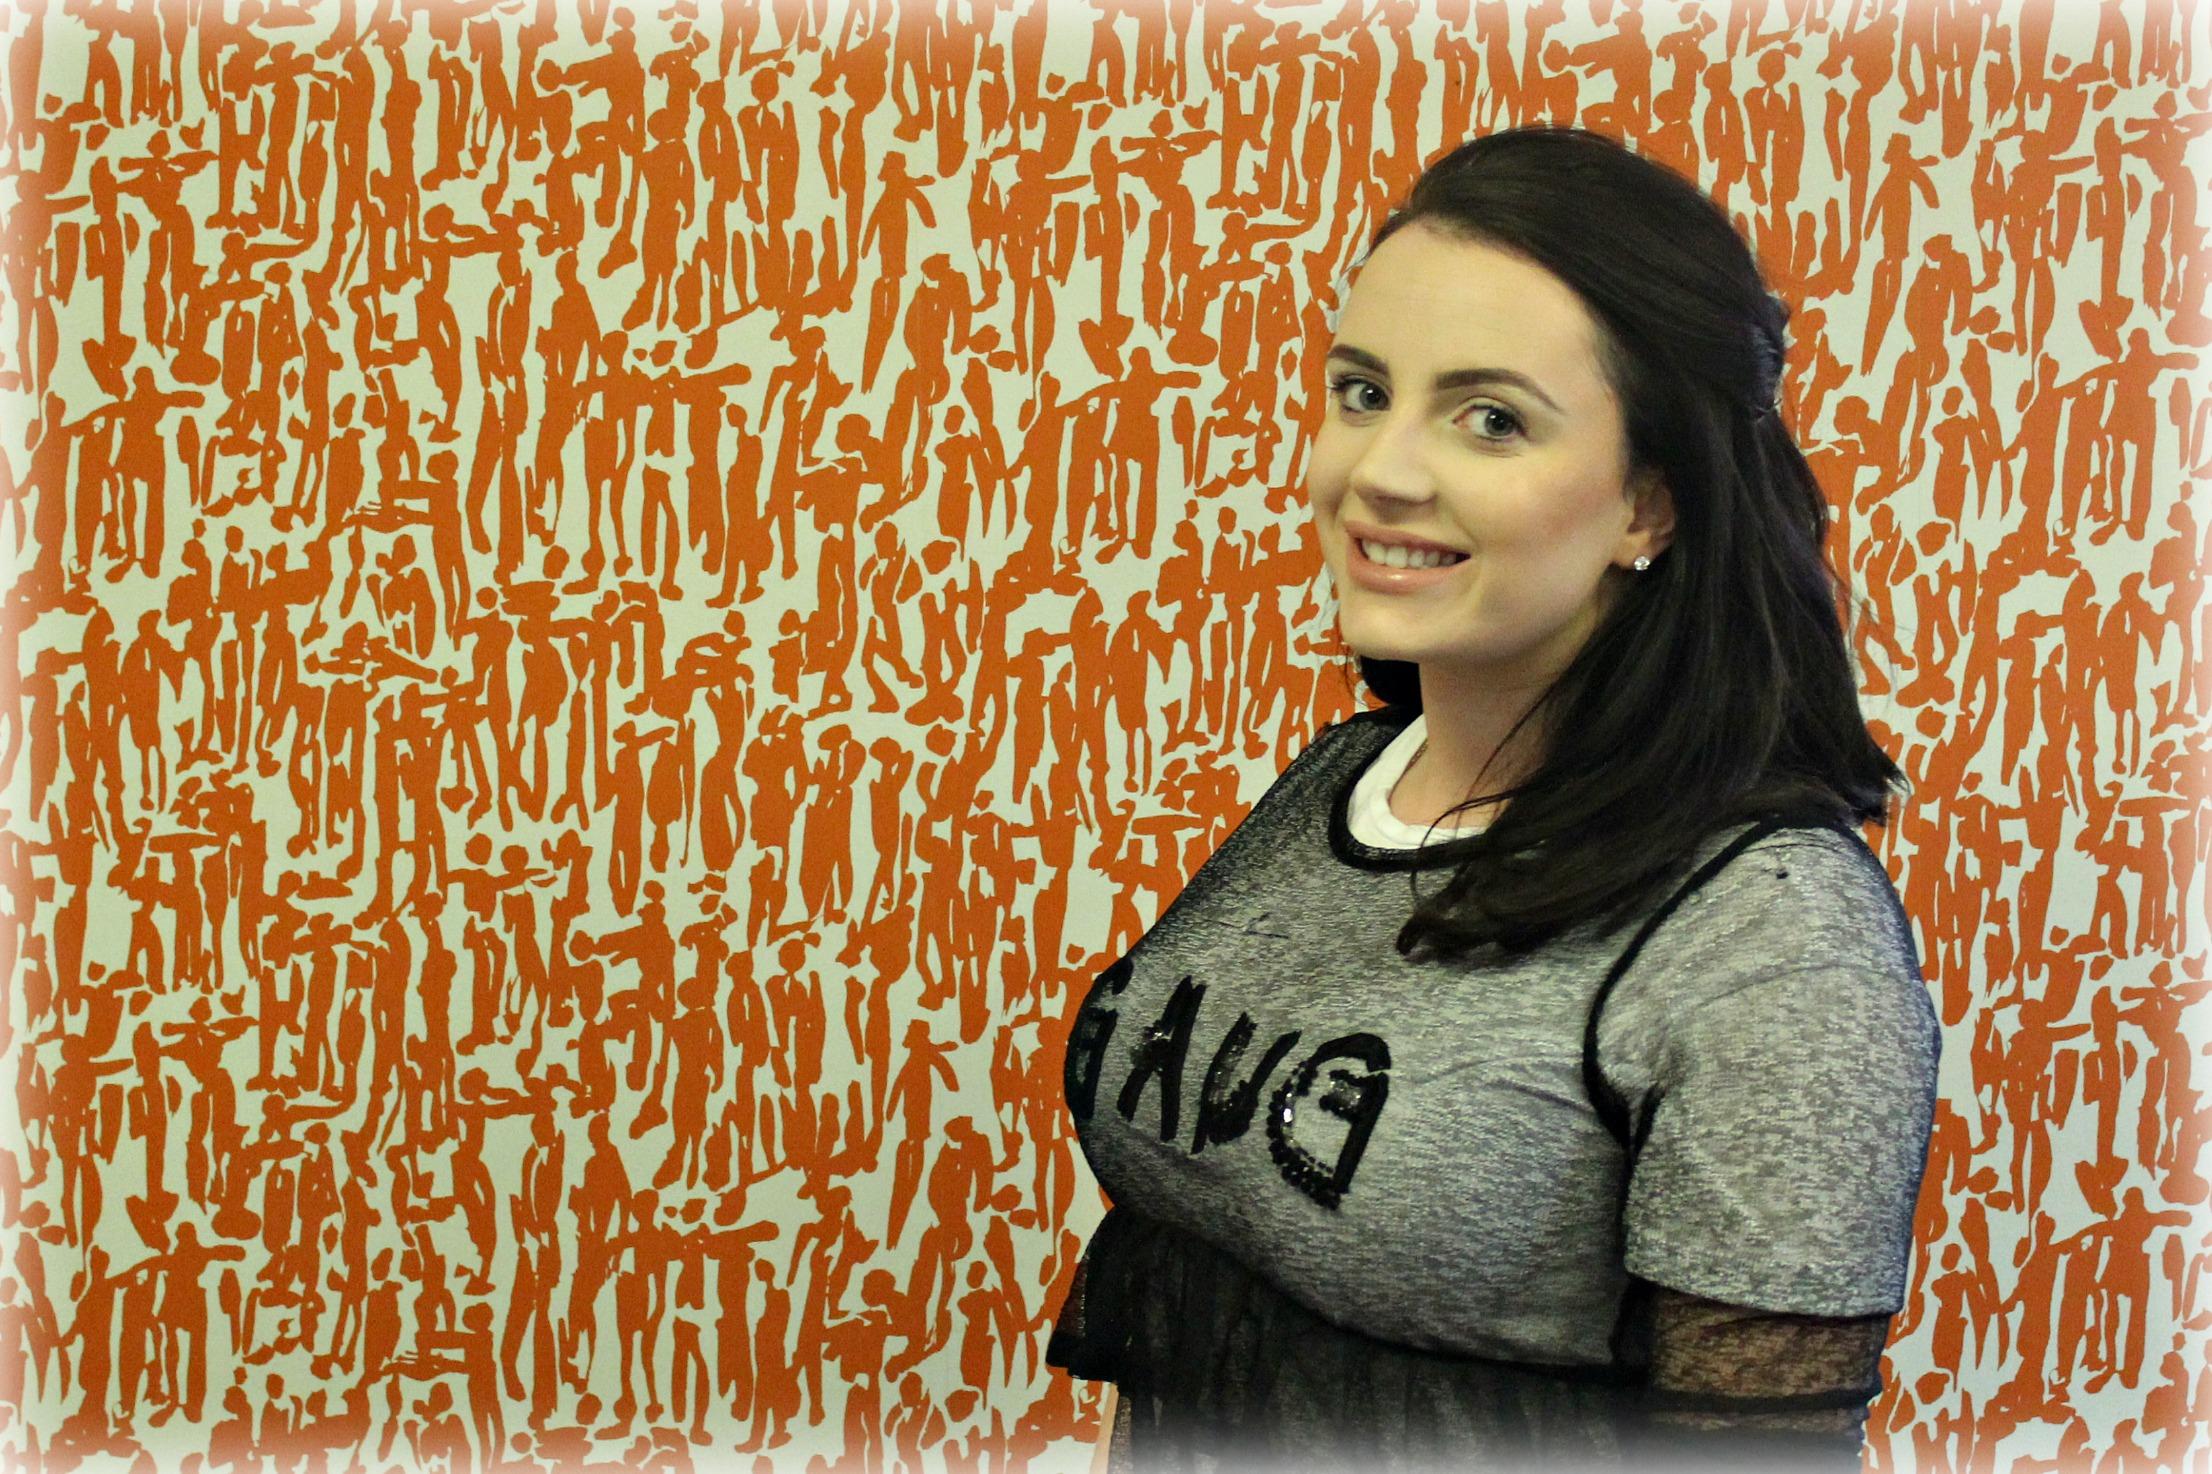 Megan March